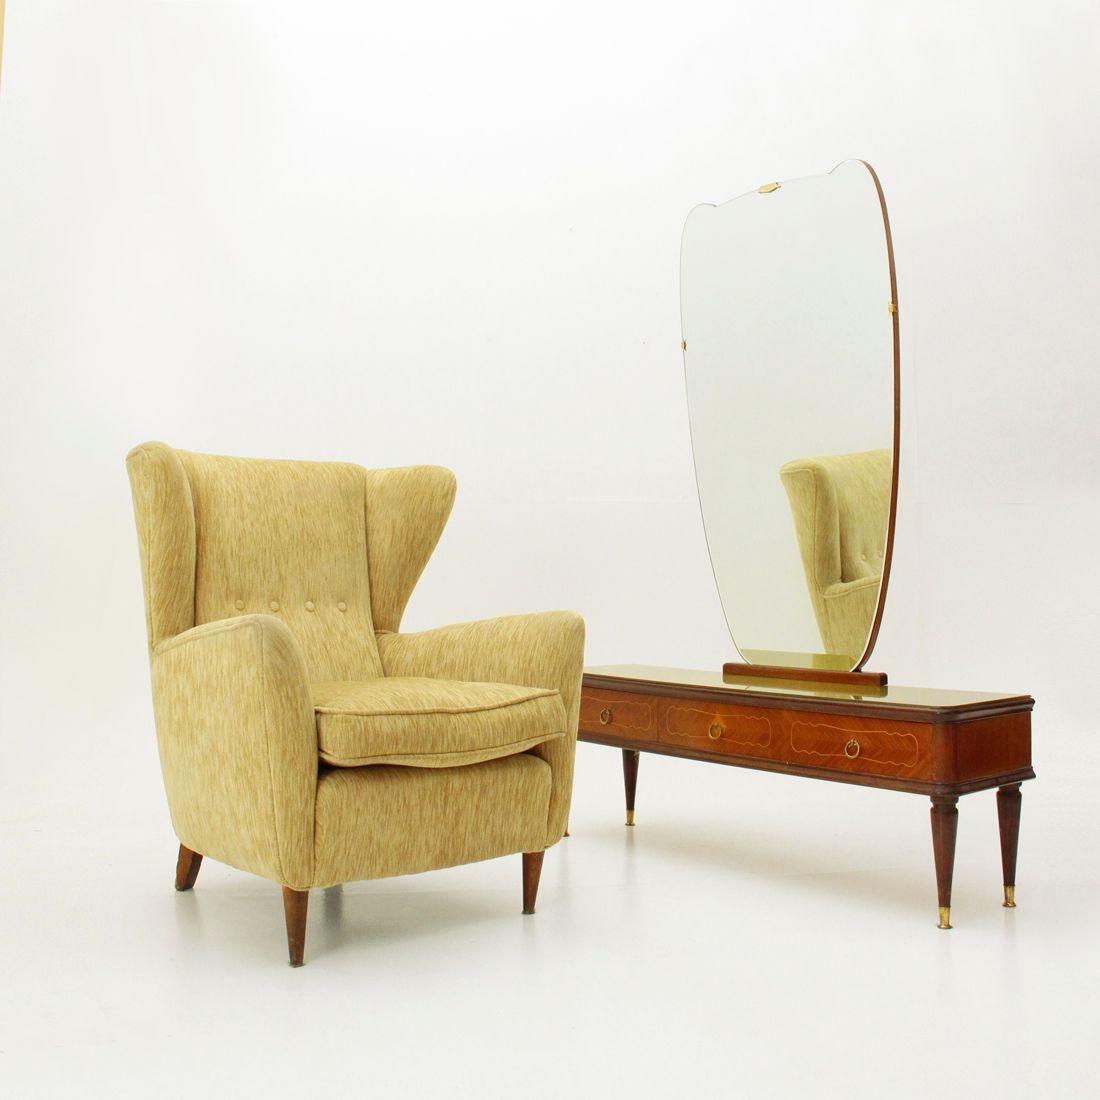 italienischer frisiertisch mit spiegel 1950er bei pamono. Black Bedroom Furniture Sets. Home Design Ideas